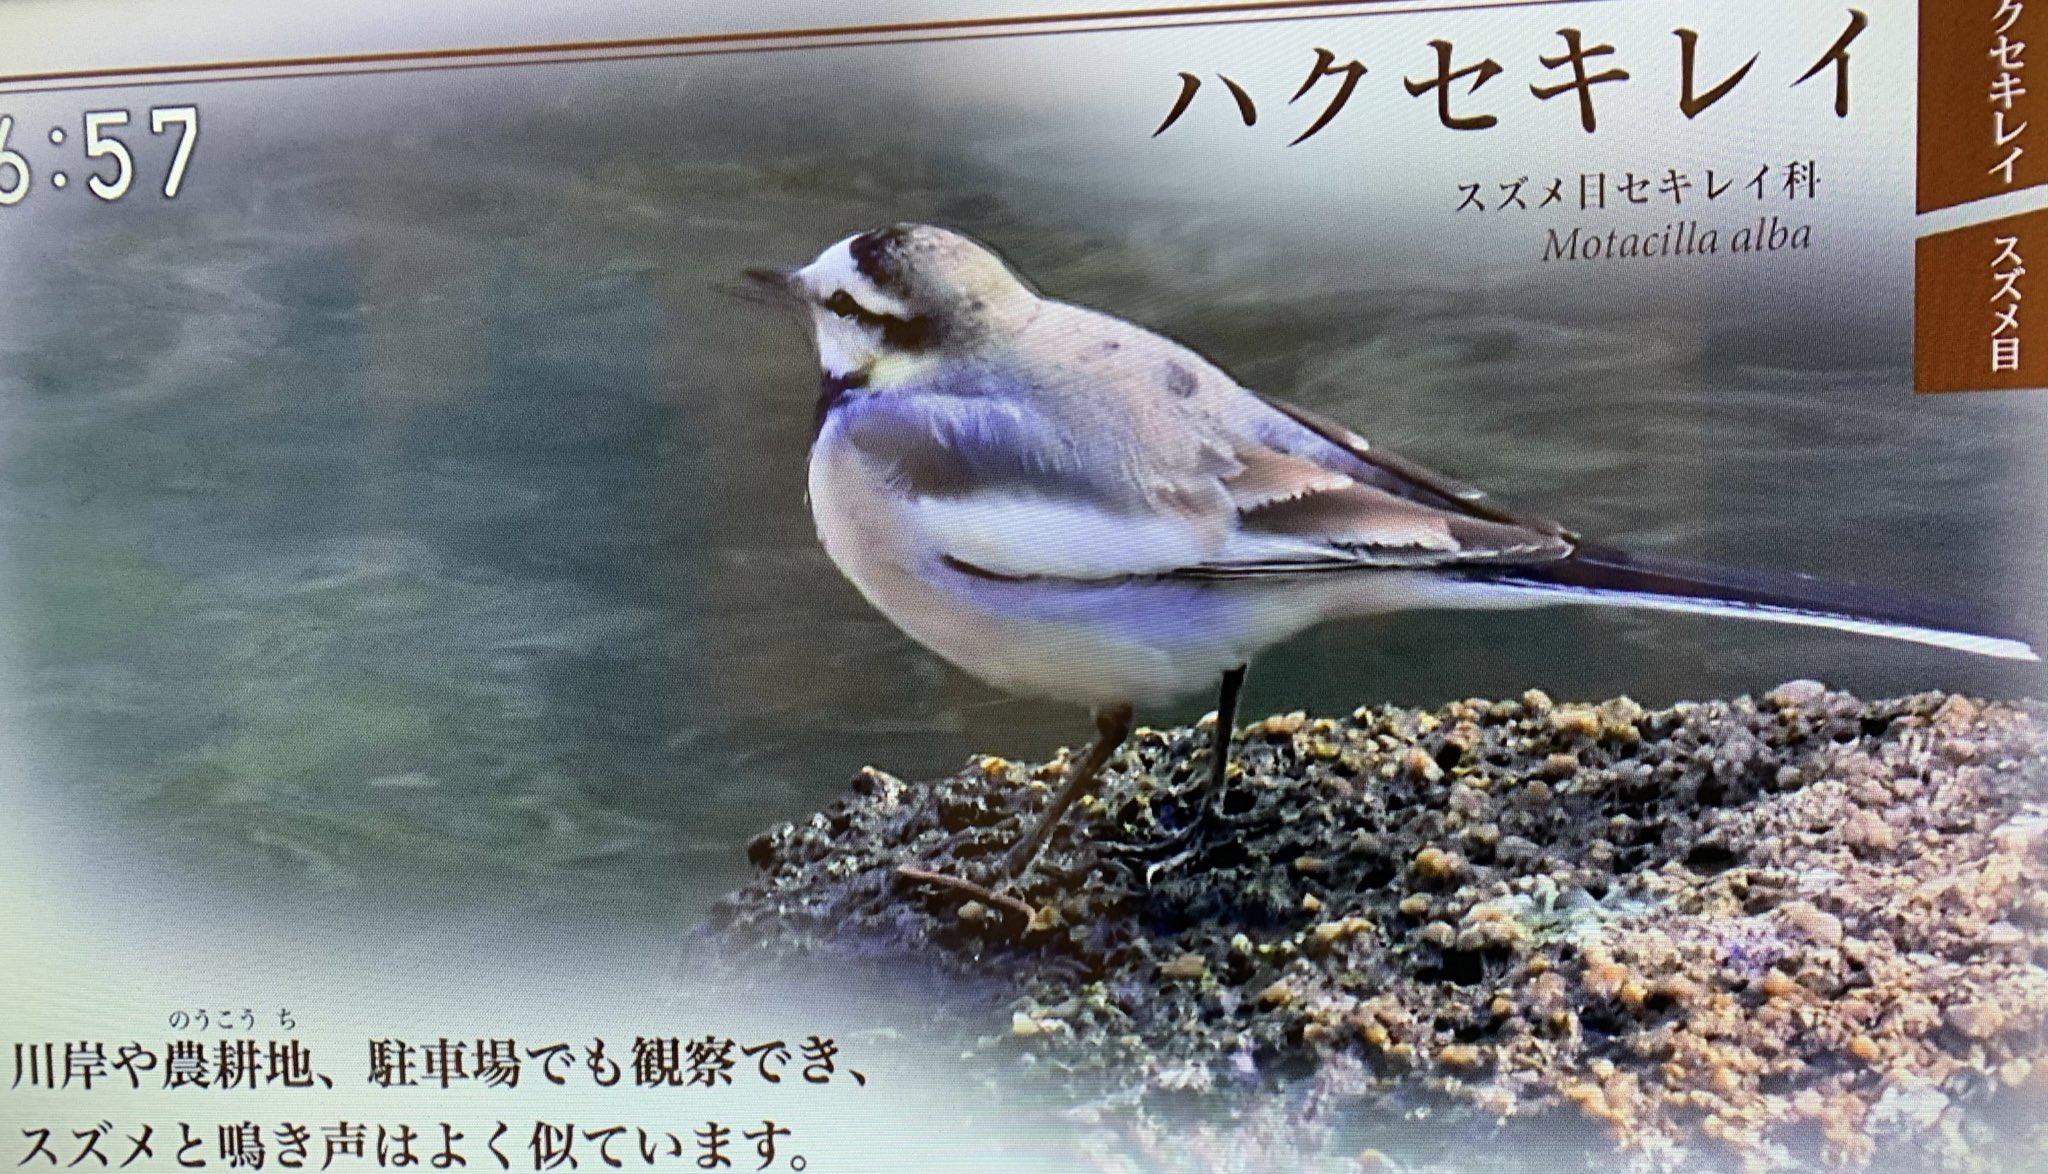 鳴き声 ハクセキレイ ハクセキレイの鳴き声【野鳥図鑑・鳴き声図鑑】Motacilla alba